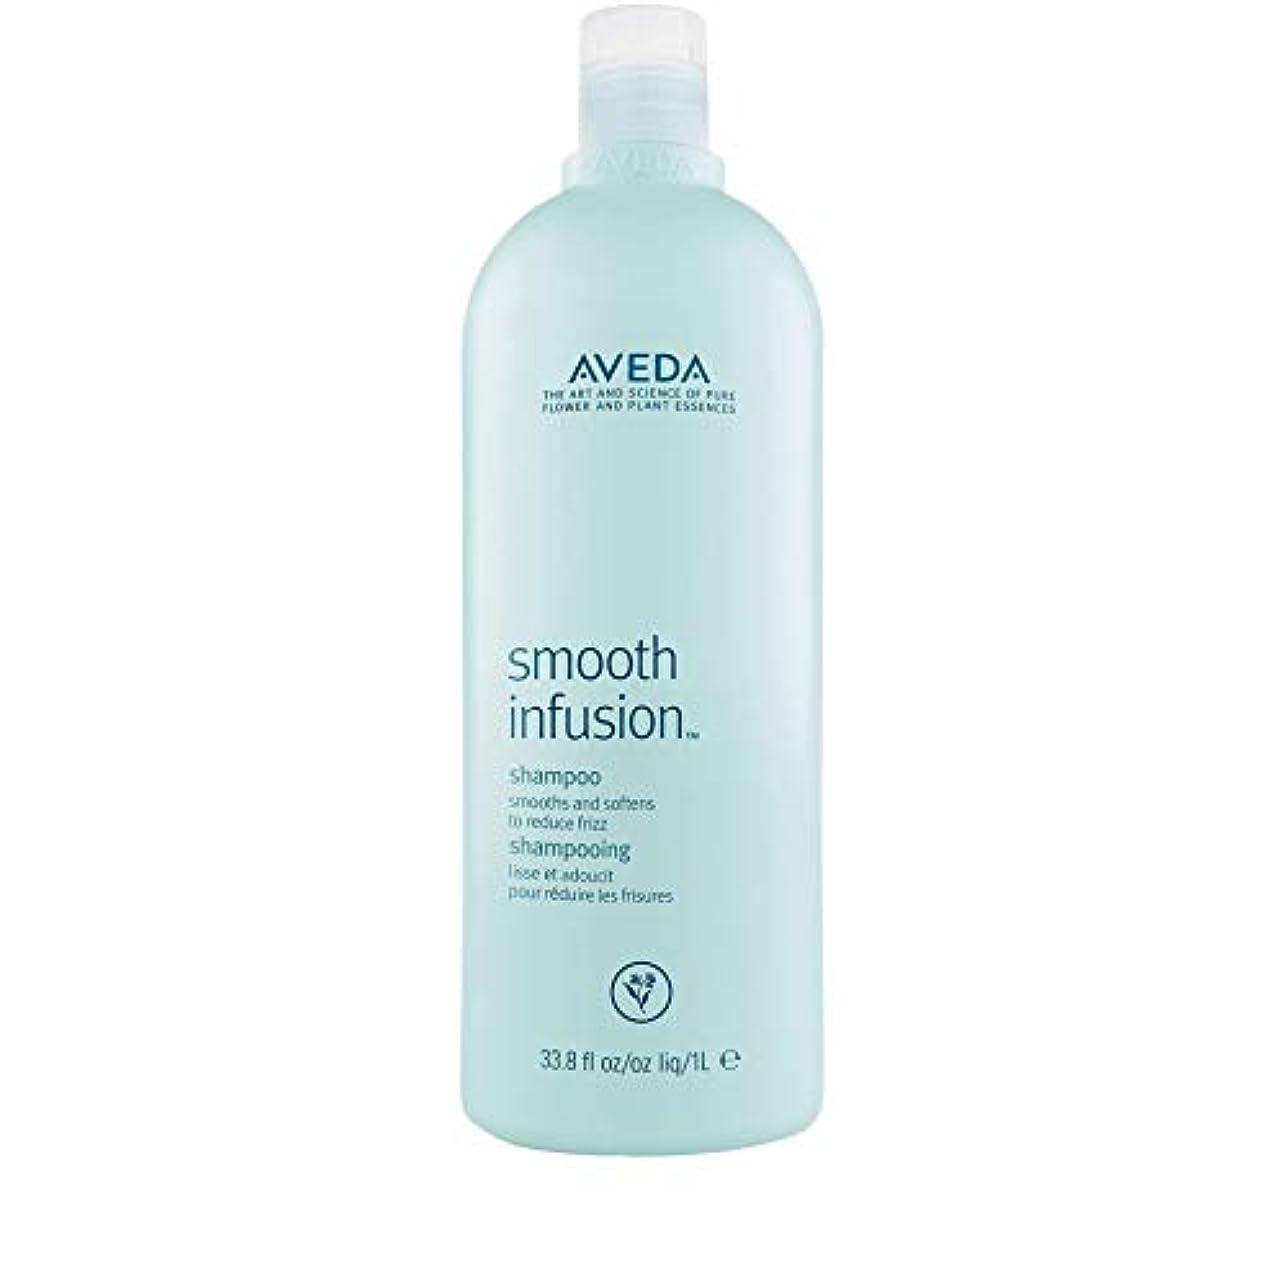 レモンにおい描く[AVEDA ] アヴェダスムーズインフュージョンシャンプー1リットル - Aveda Smooth Infusion Shampoo 1L [並行輸入品]